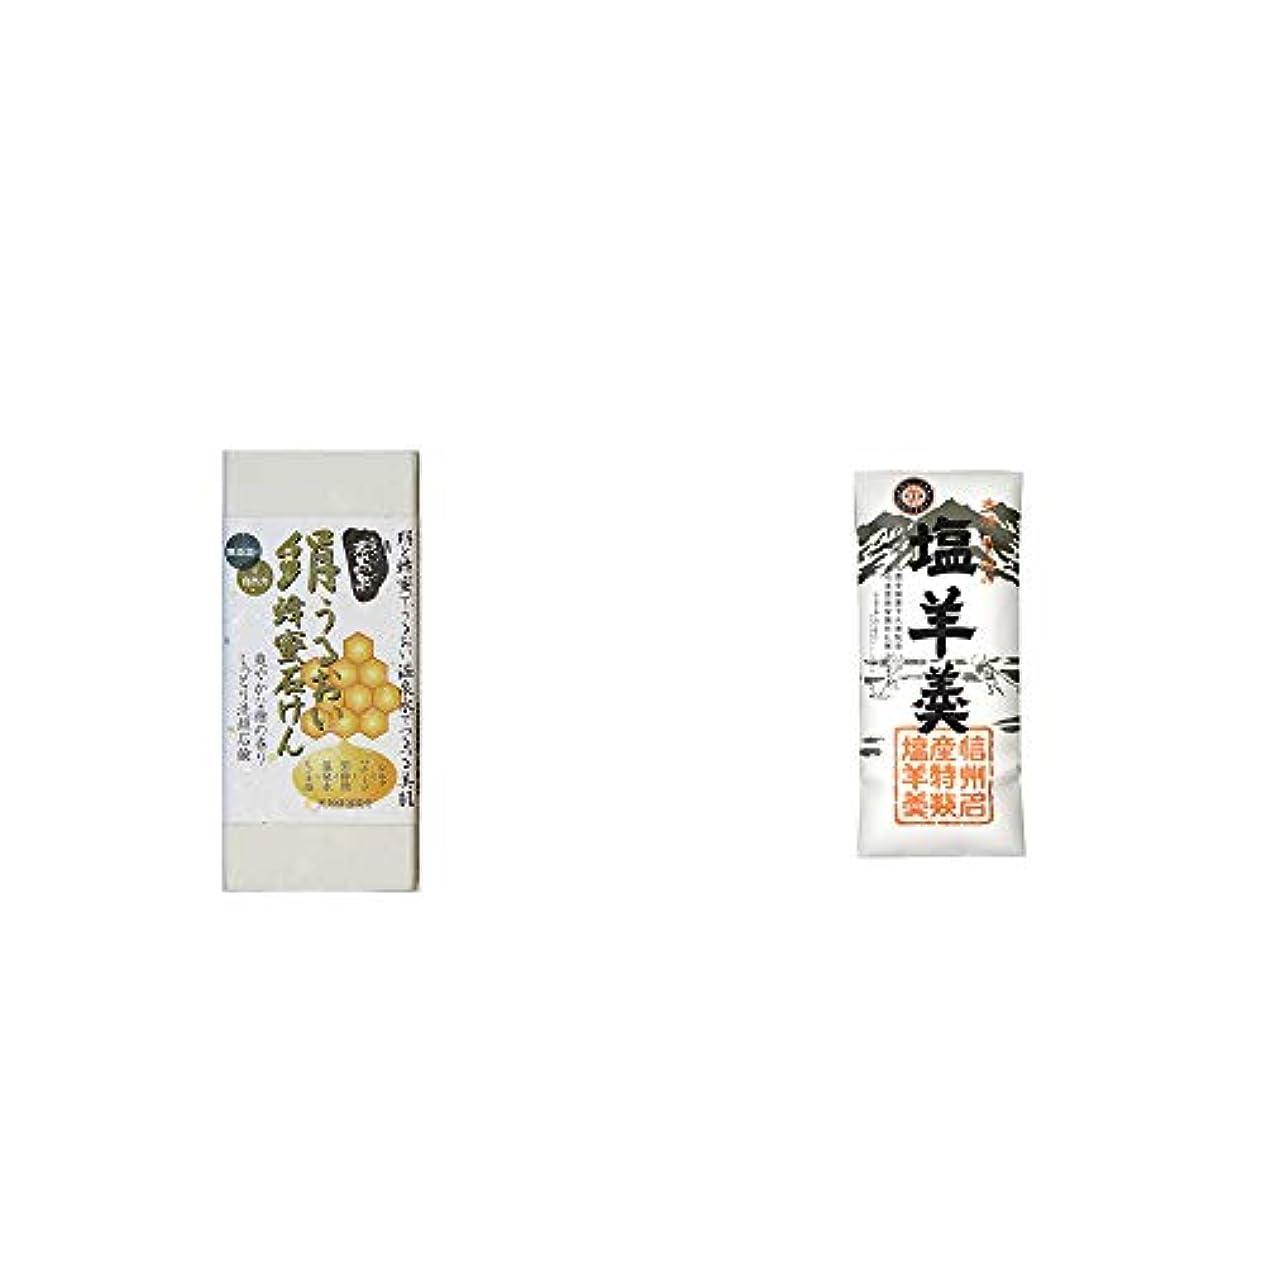 偏差移動男らしい[2点セット] ひのき炭黒泉 絹うるおい蜂蜜石けん(75g×2)?栗田の塩羊羹(160g)